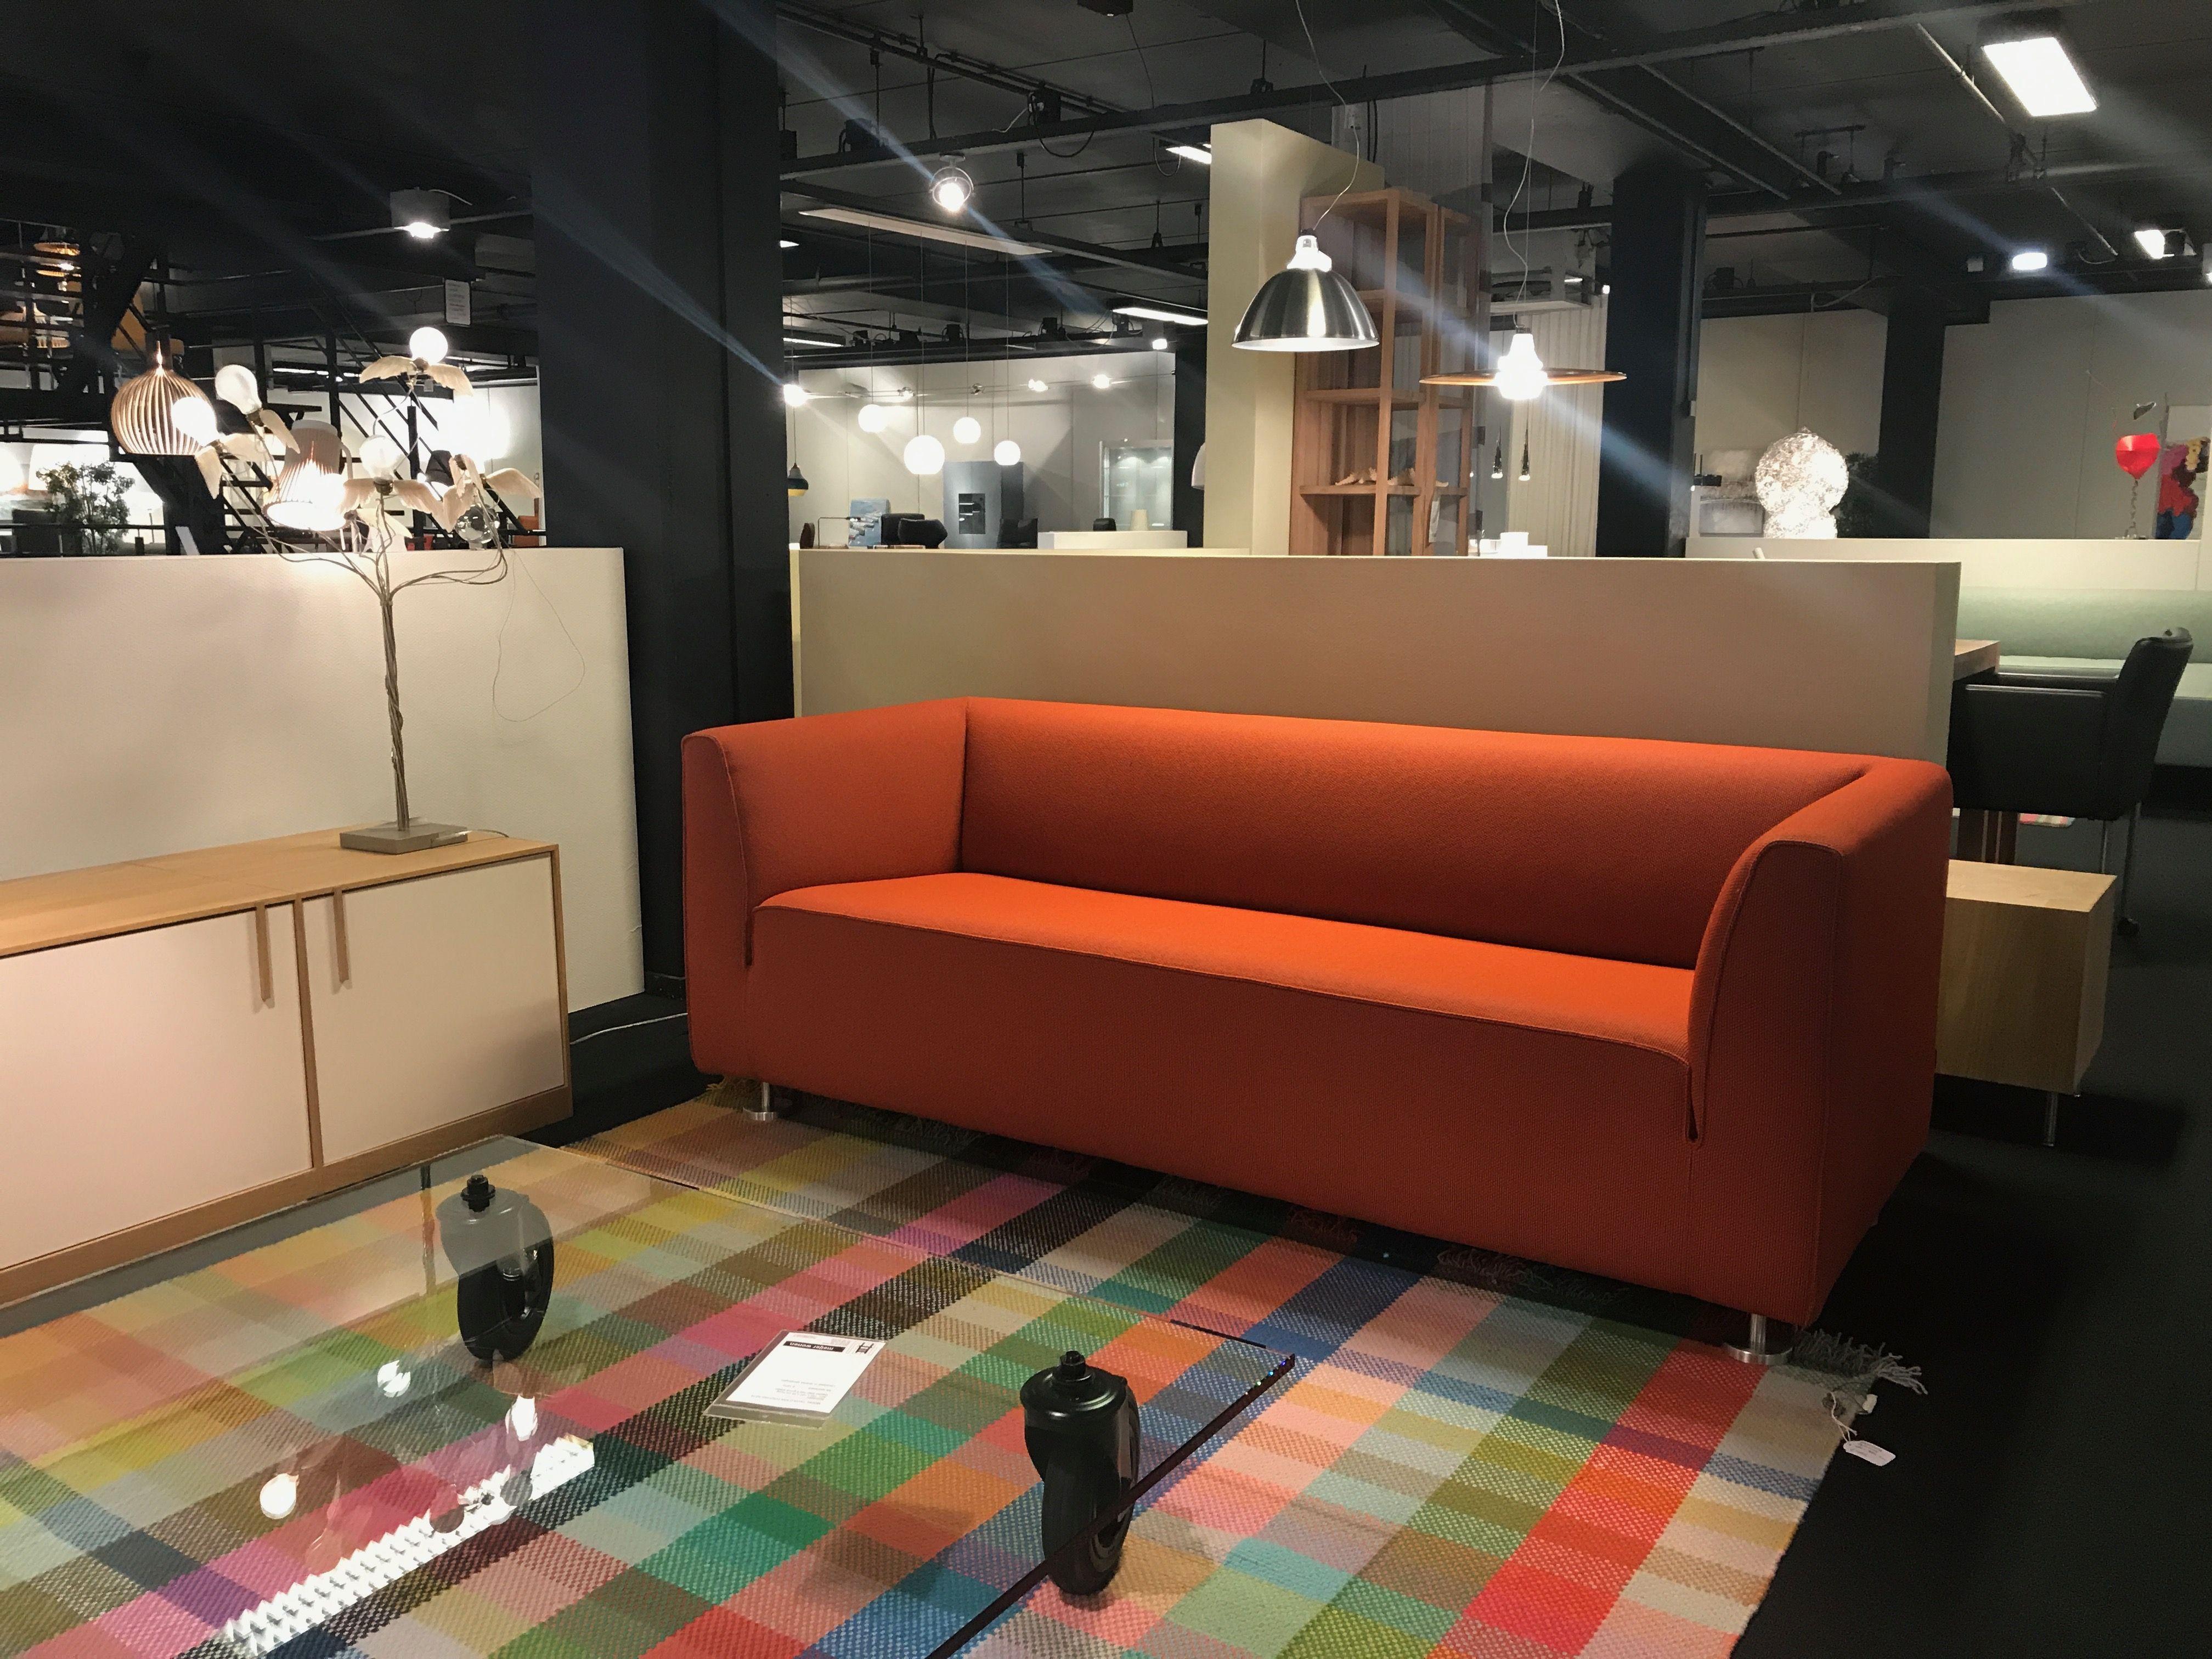 Design Bank Oranje.Gelderland Bank 4800 Design Henk Vos In De Oranje Stof Opera